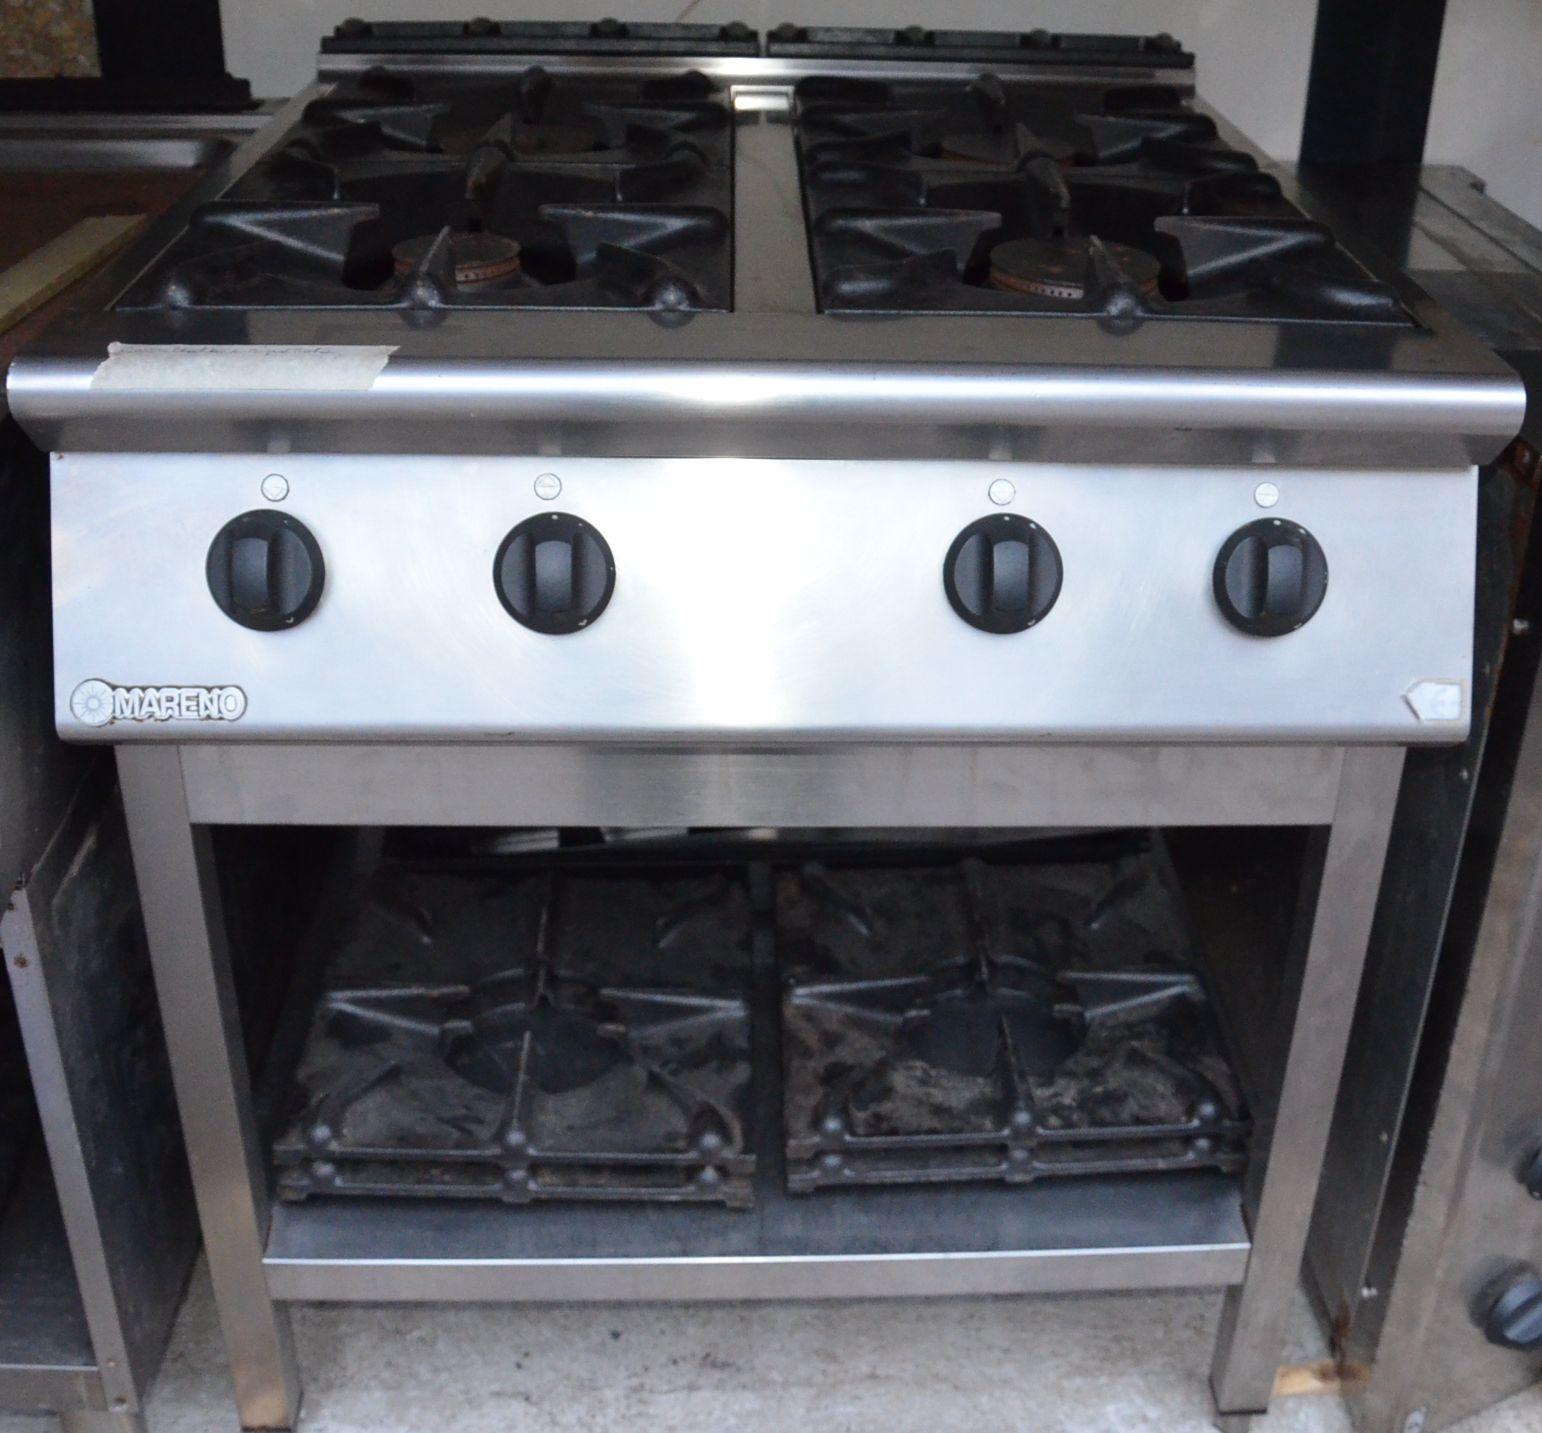 Cucine A Piastre Elettriche: Cucine elettriche stampa la scheda prodotto per una.